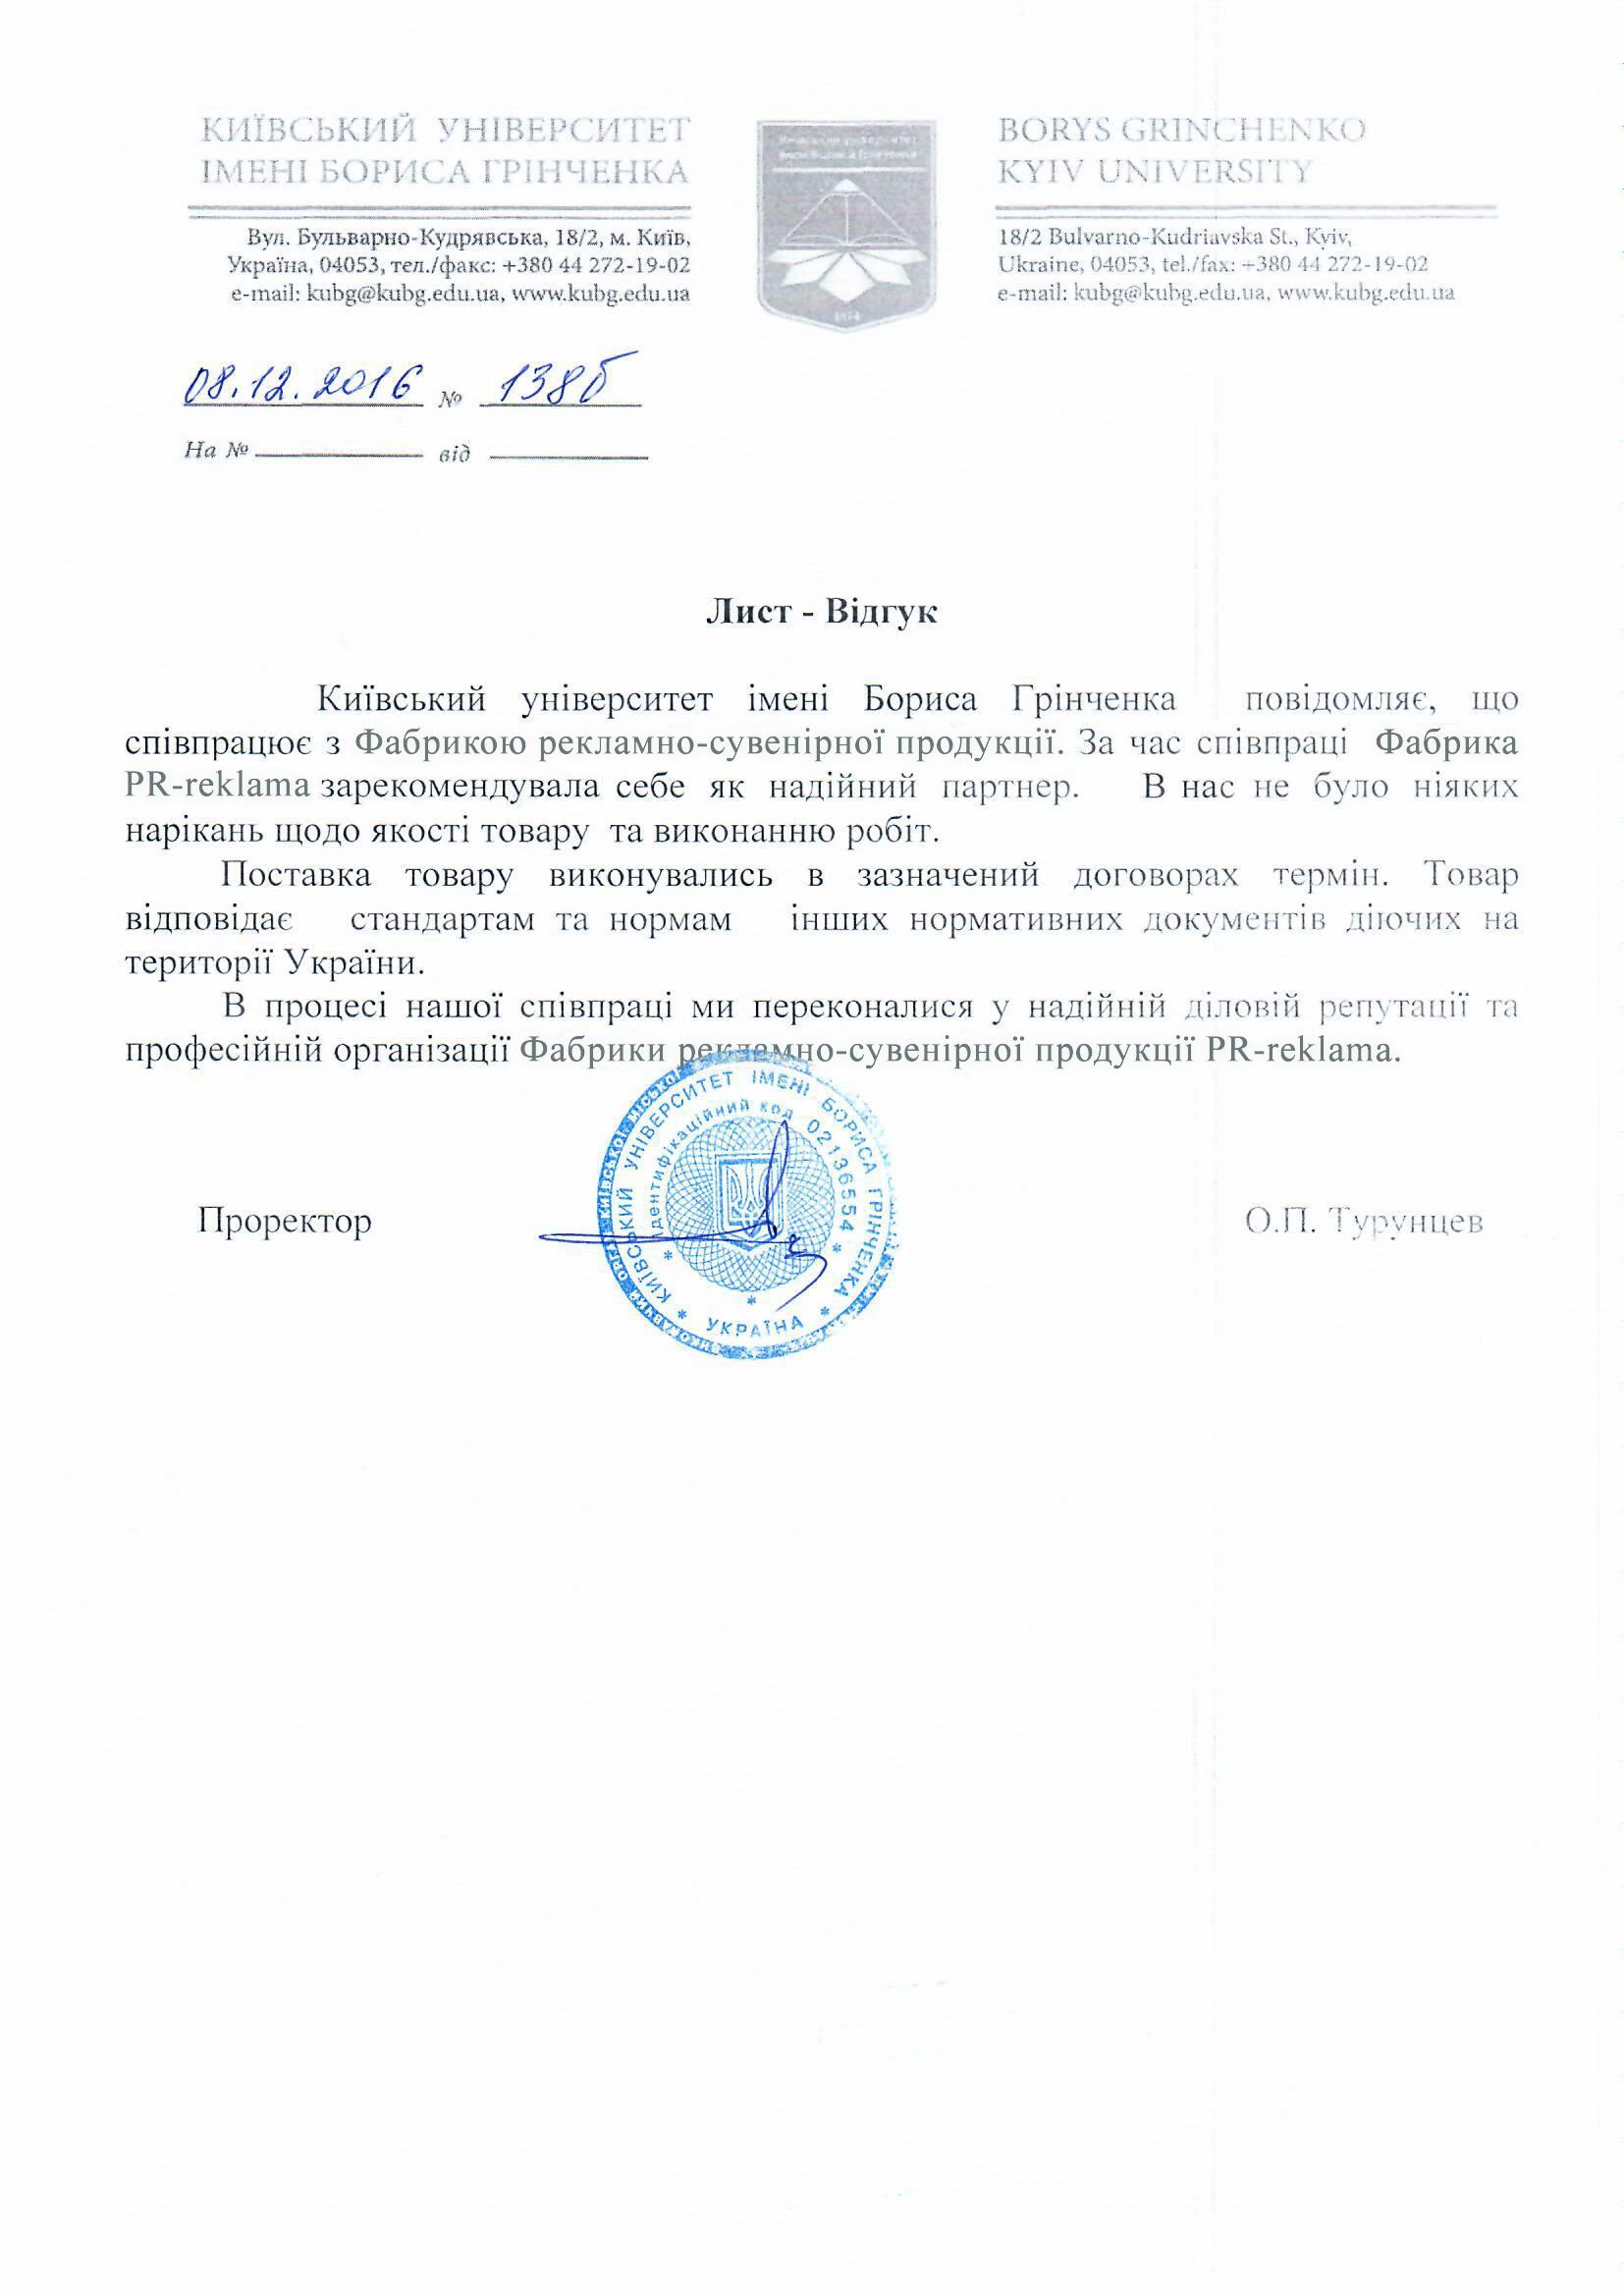 Отзывы Киевского университета им. Б.Гринченка